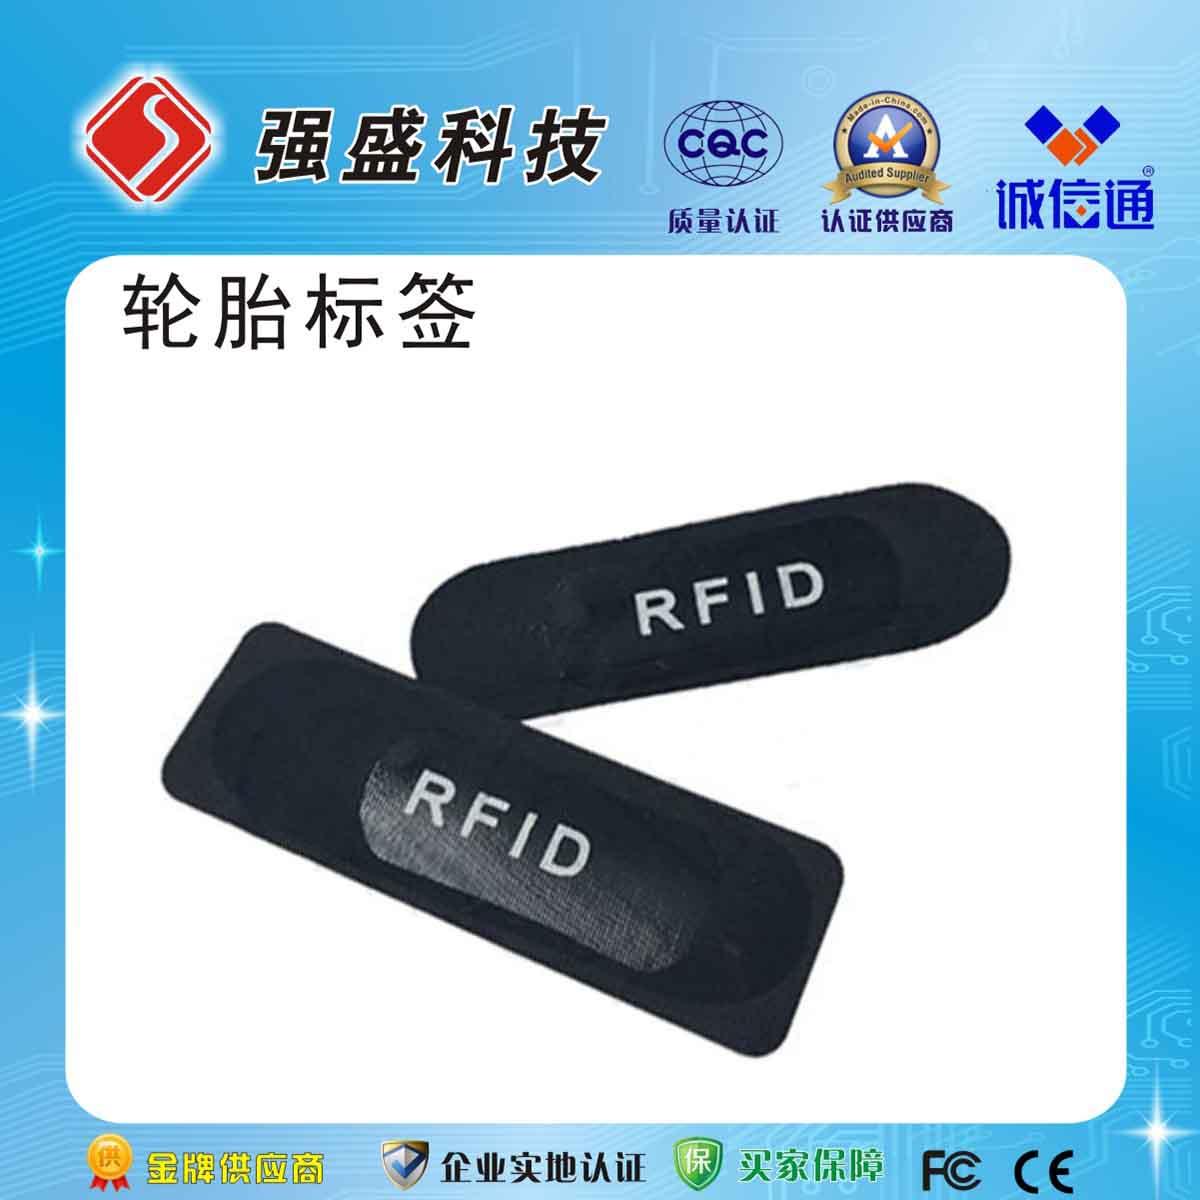 供應番禺rfid超高頻橡膠輪胎電子標簽黏貼輪胎管理標簽